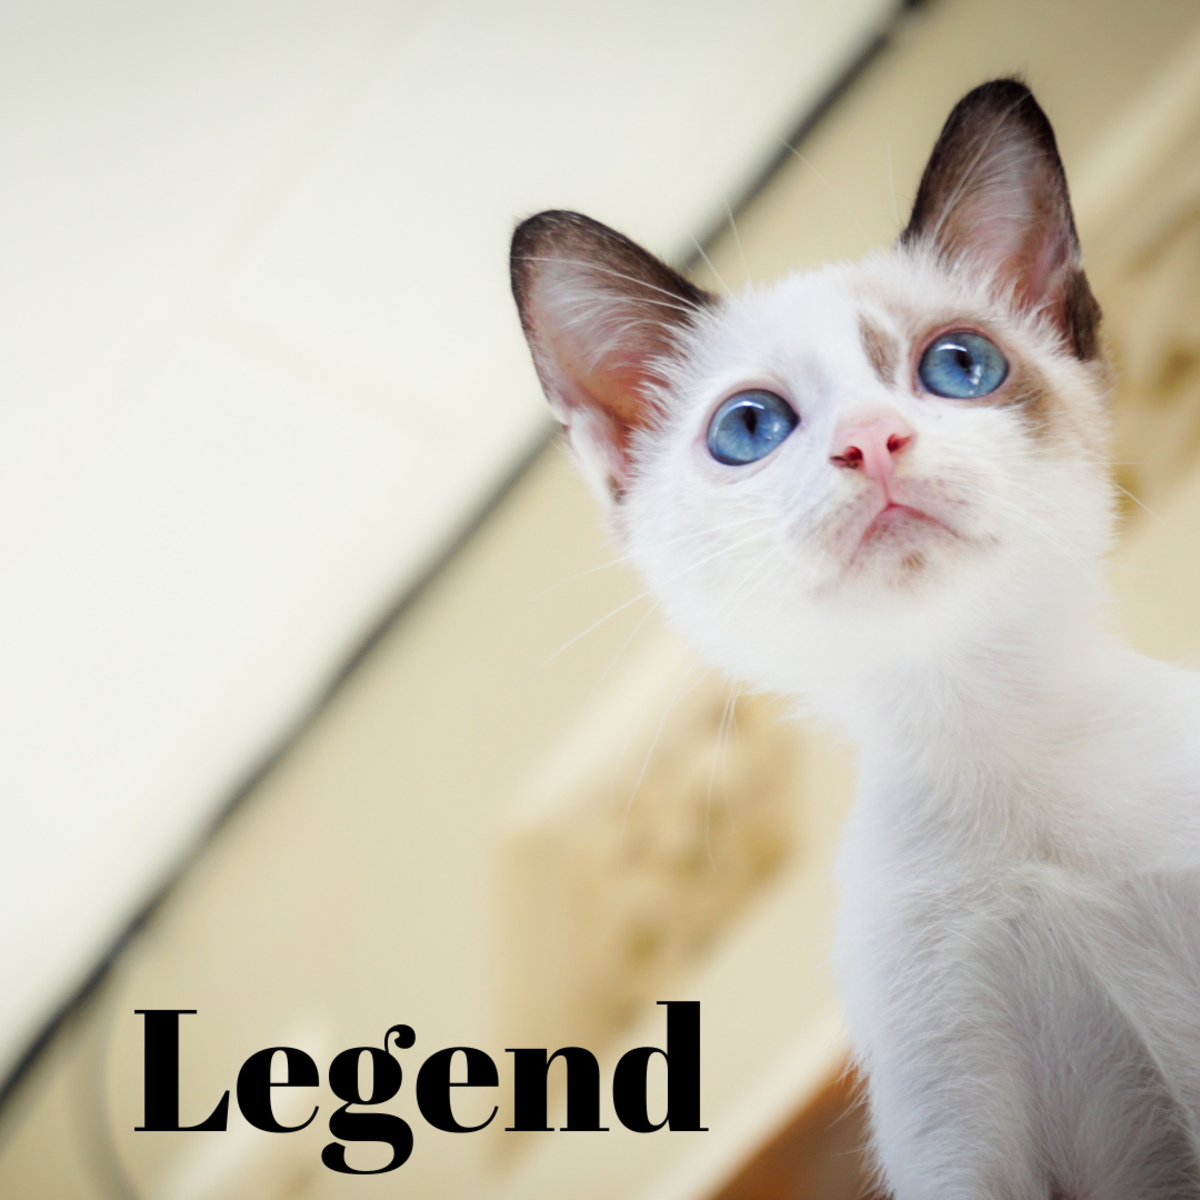 A kitten named Legend